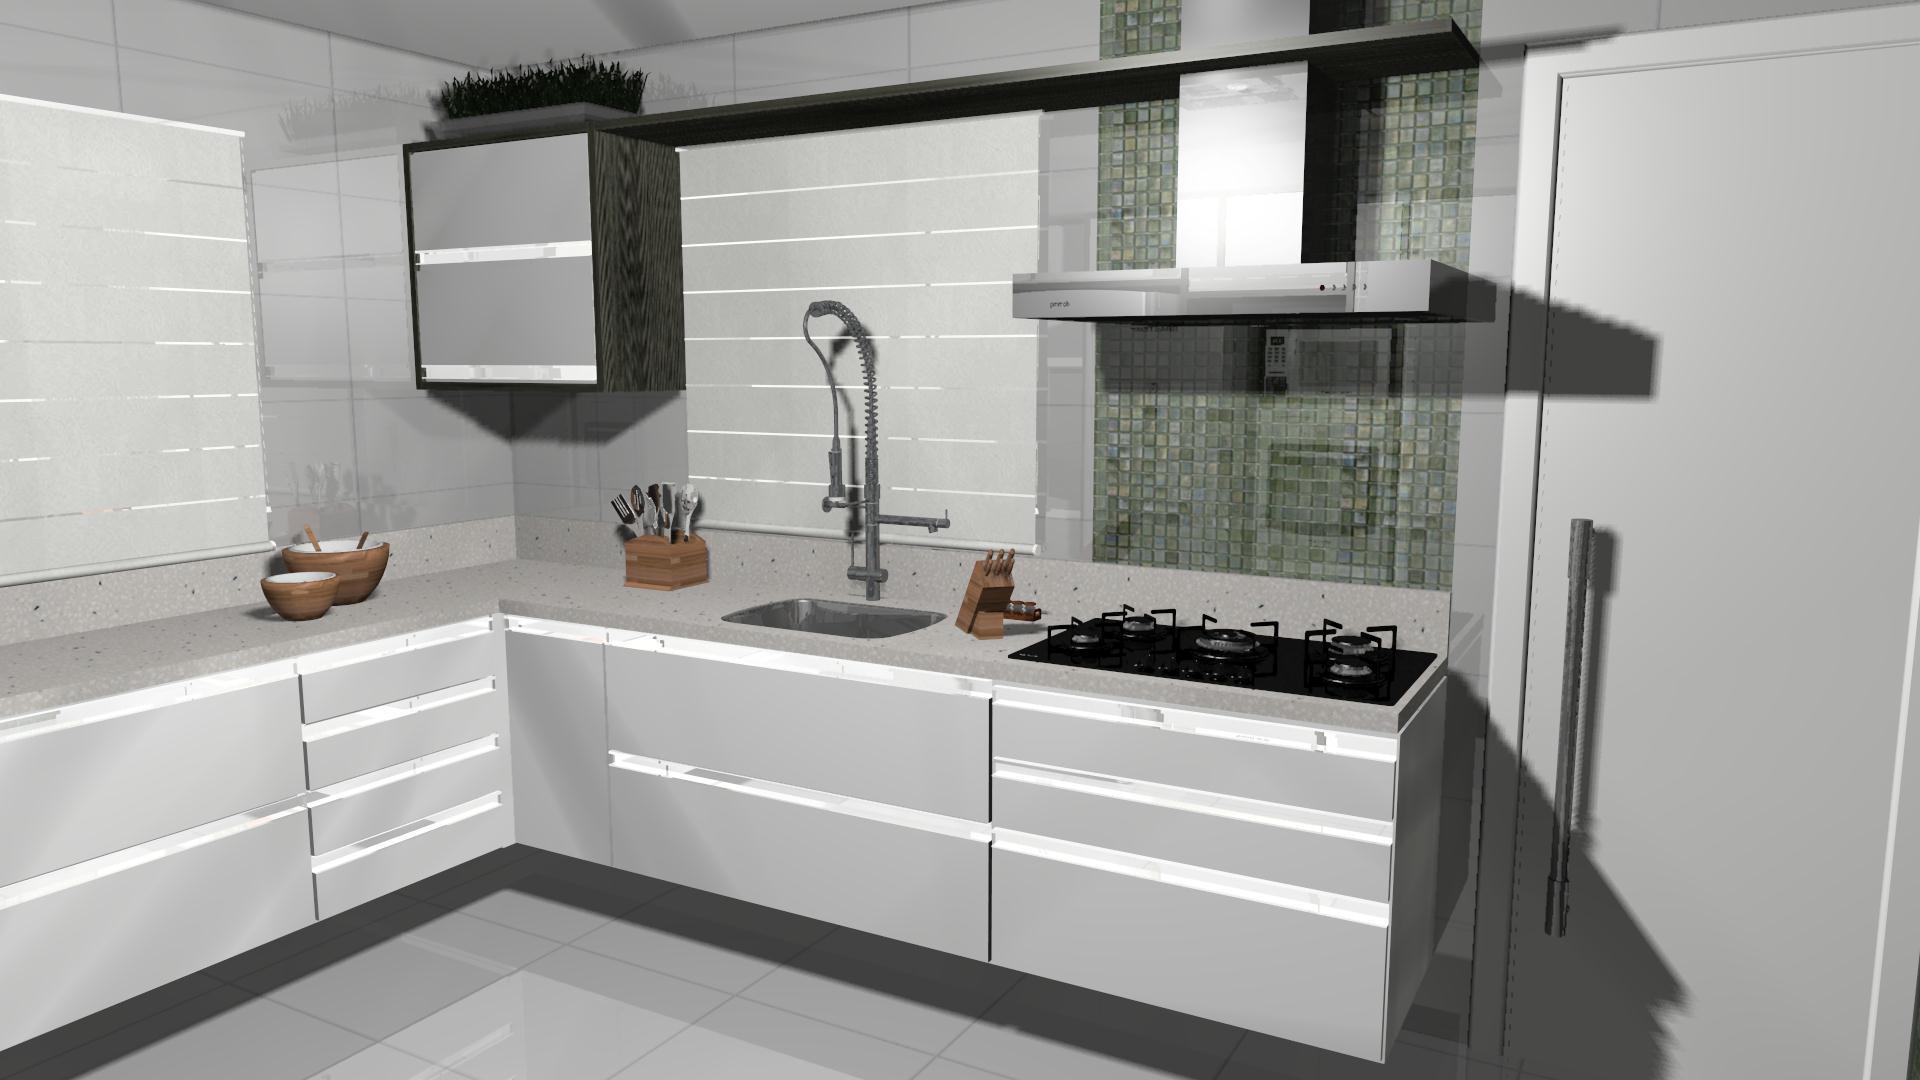 Projeto de cozinha moderna e prática #674C38 1920 1080